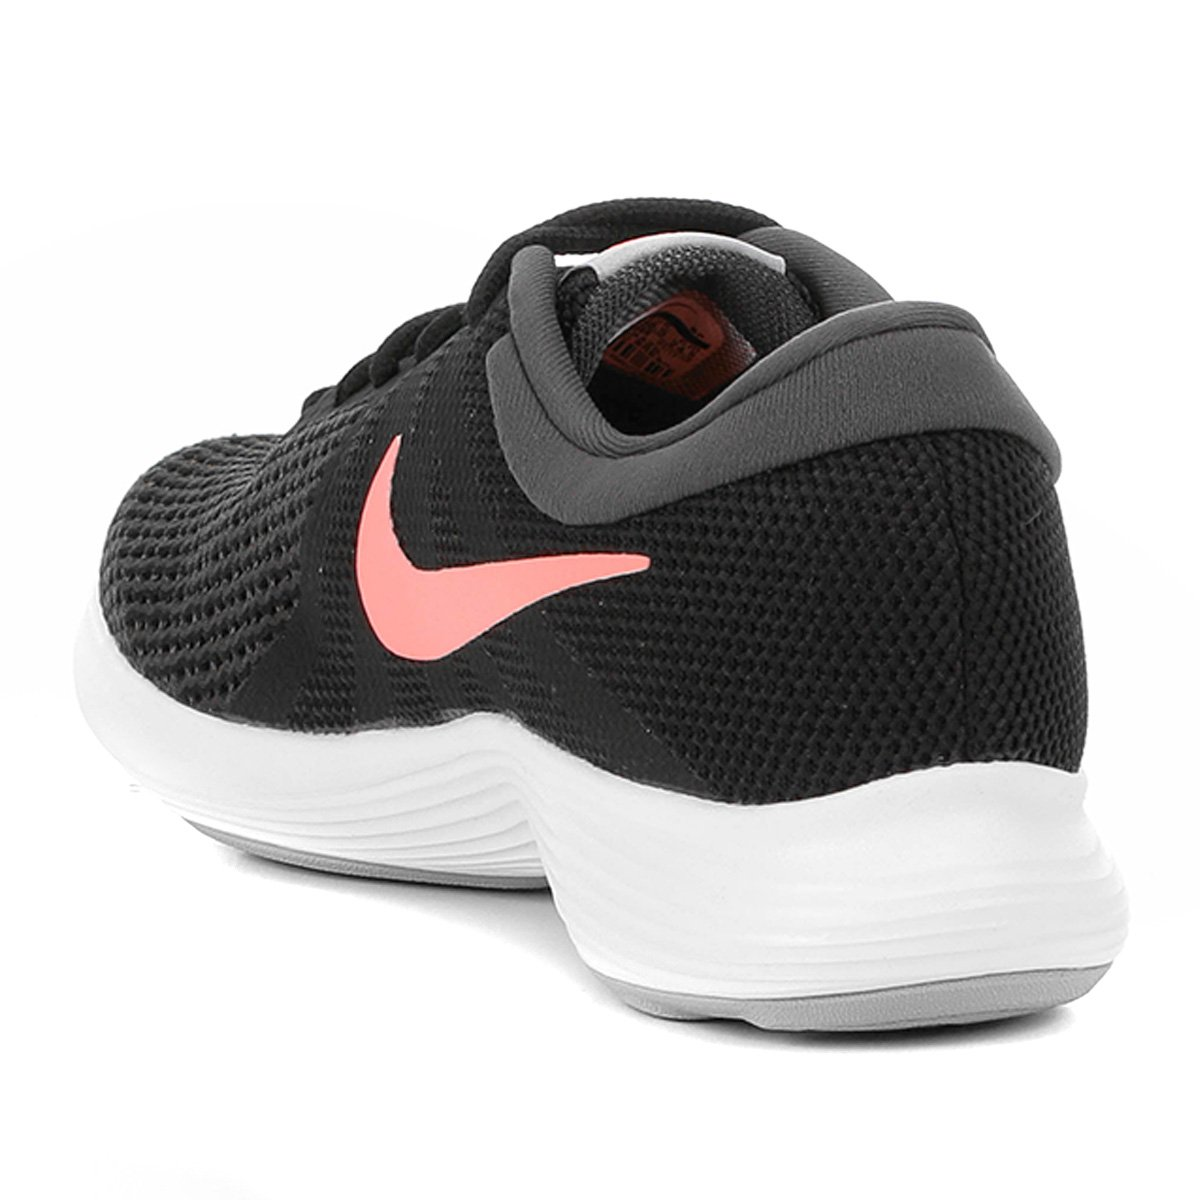 Tênis Nike Wmns Revolution 4 Feminino - Preto e Salmão - Compre ... 1d377a039e986